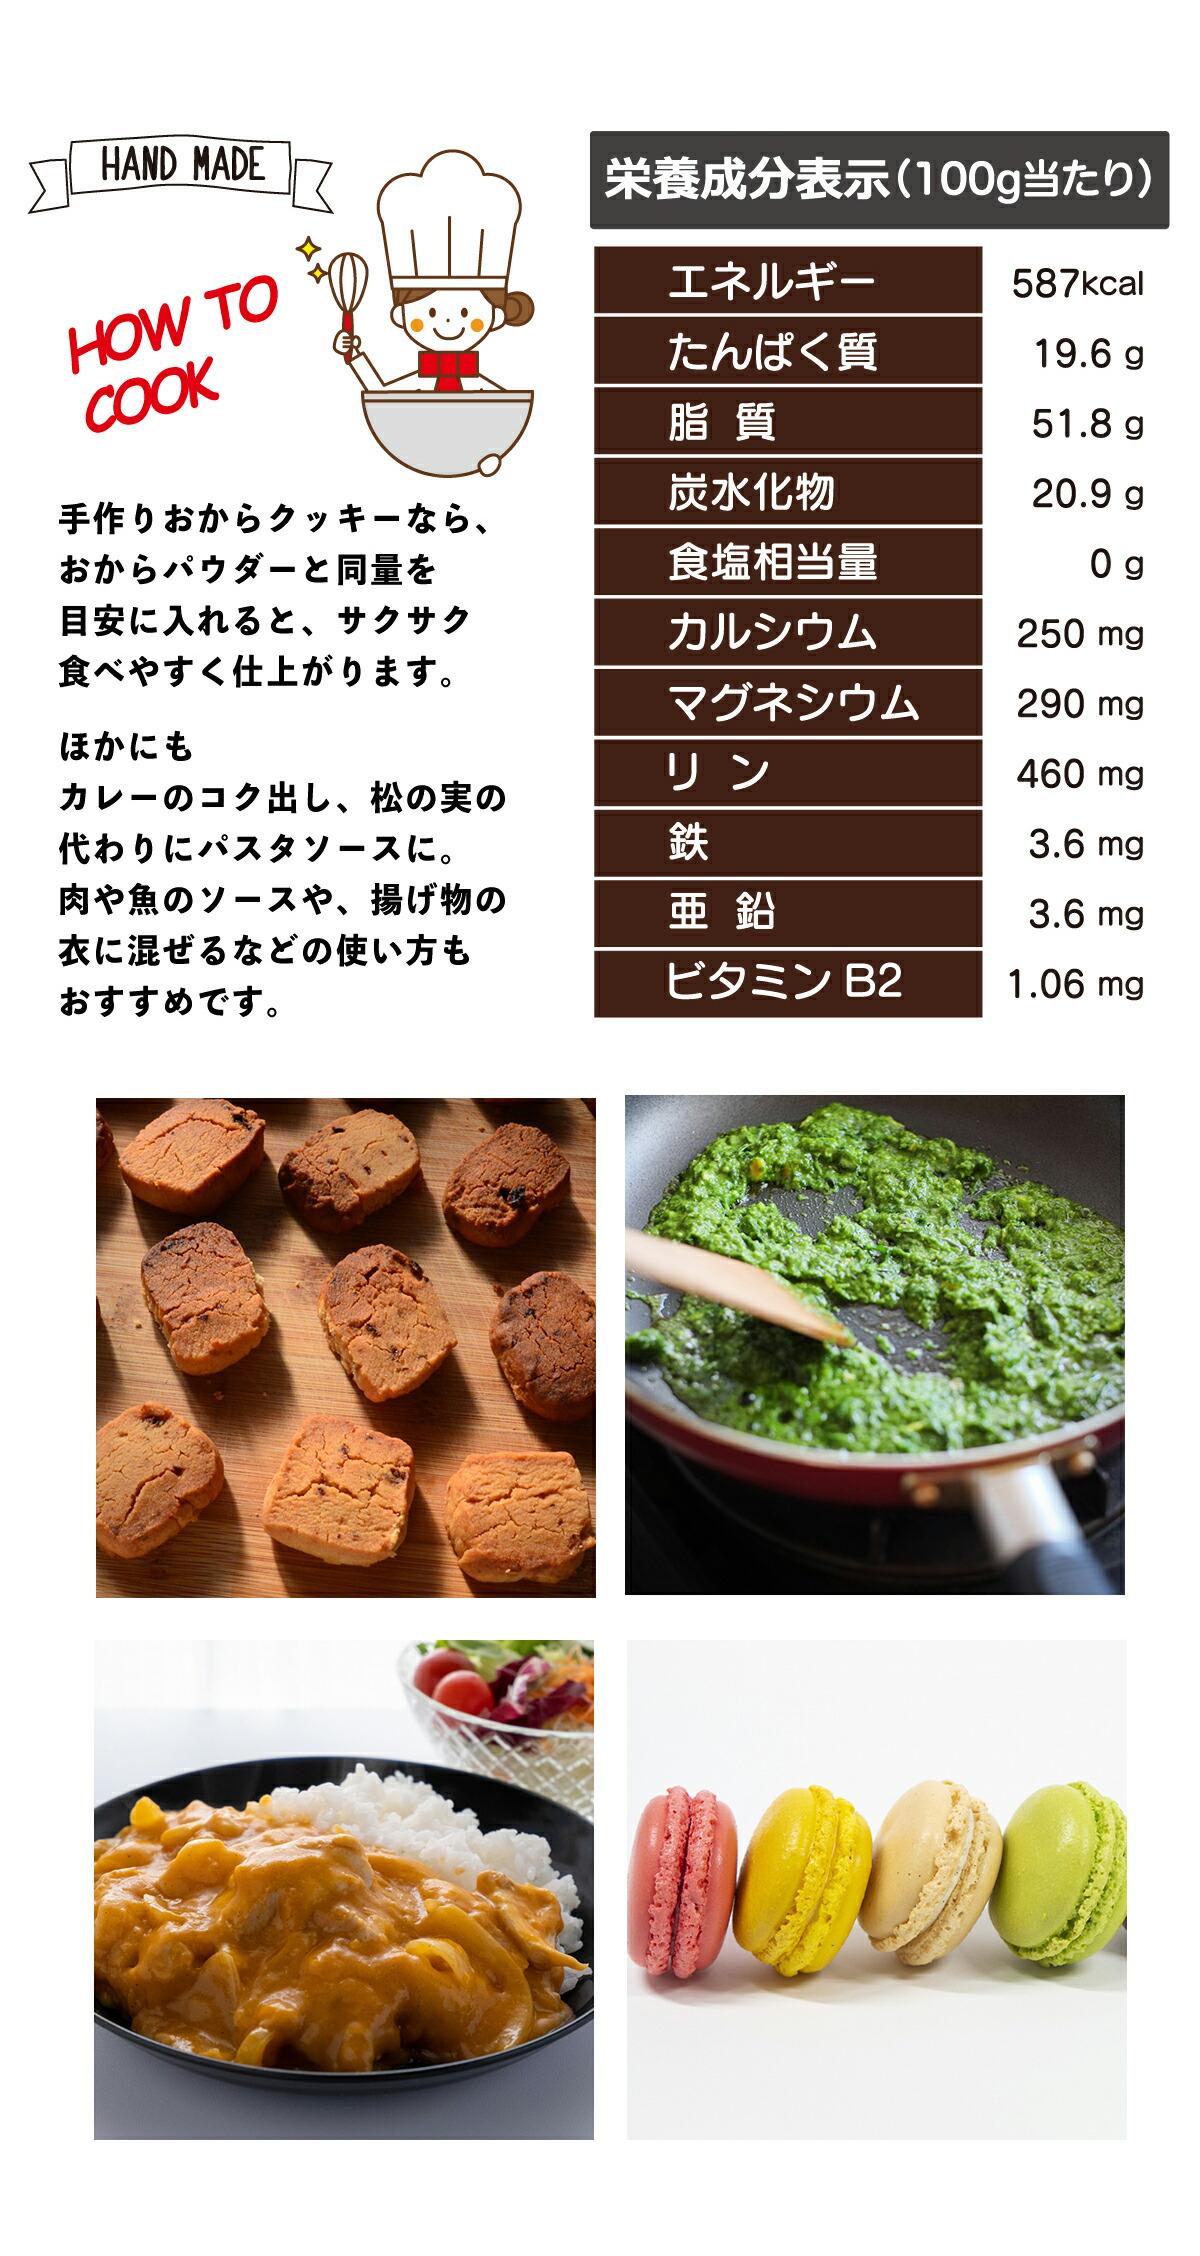 アーモンドプードル、アーモンドパウダー栄養表